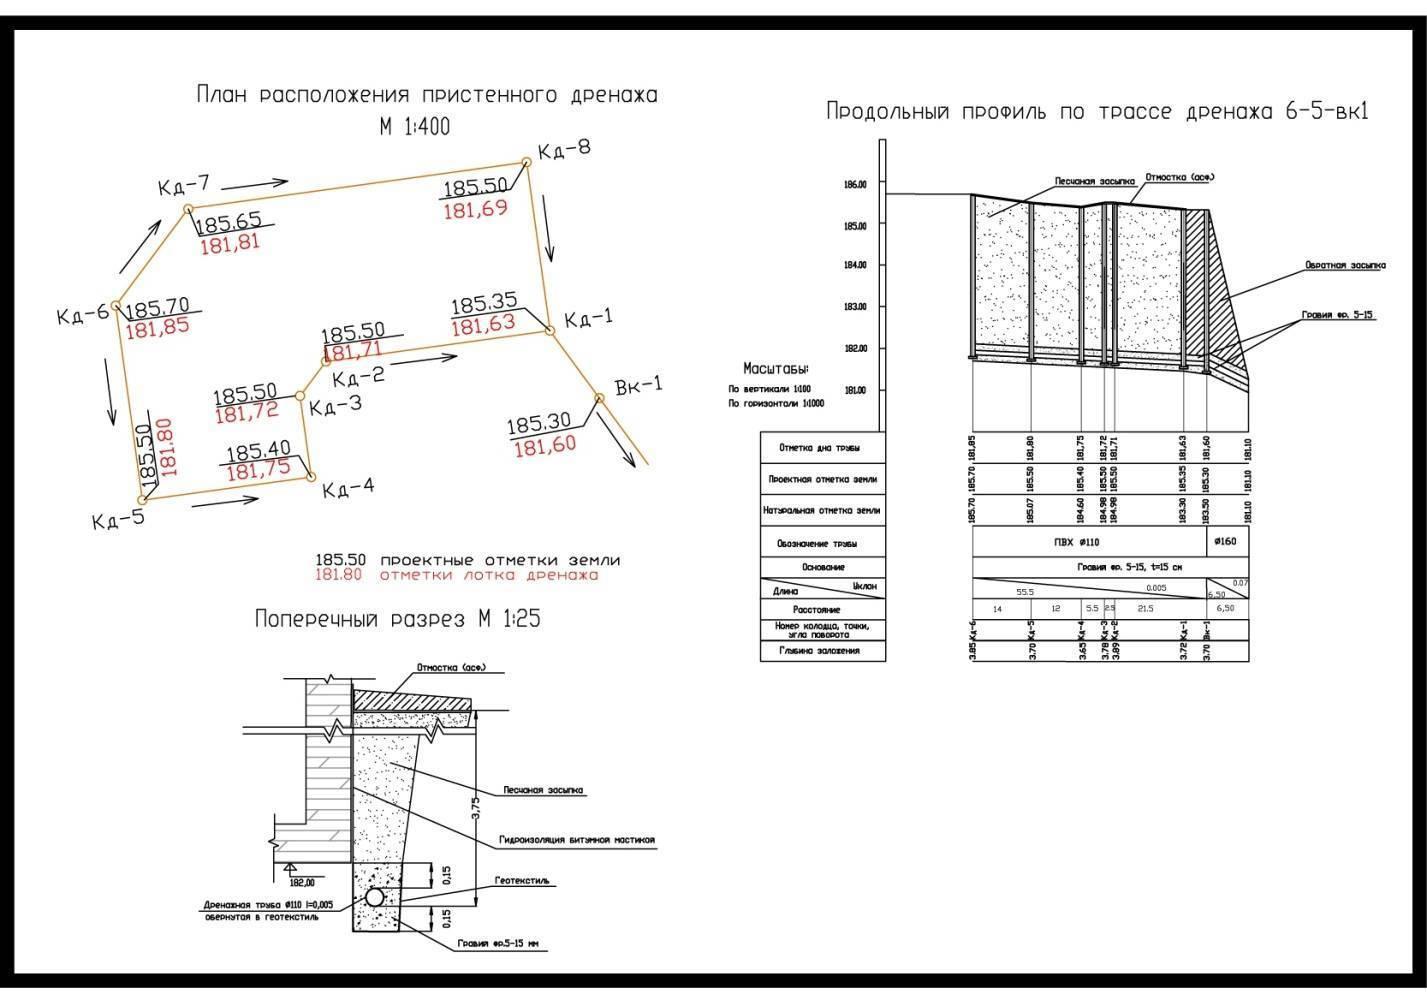 Уклон канализации: уклон канализации на метр, снип, расчет, нормативы